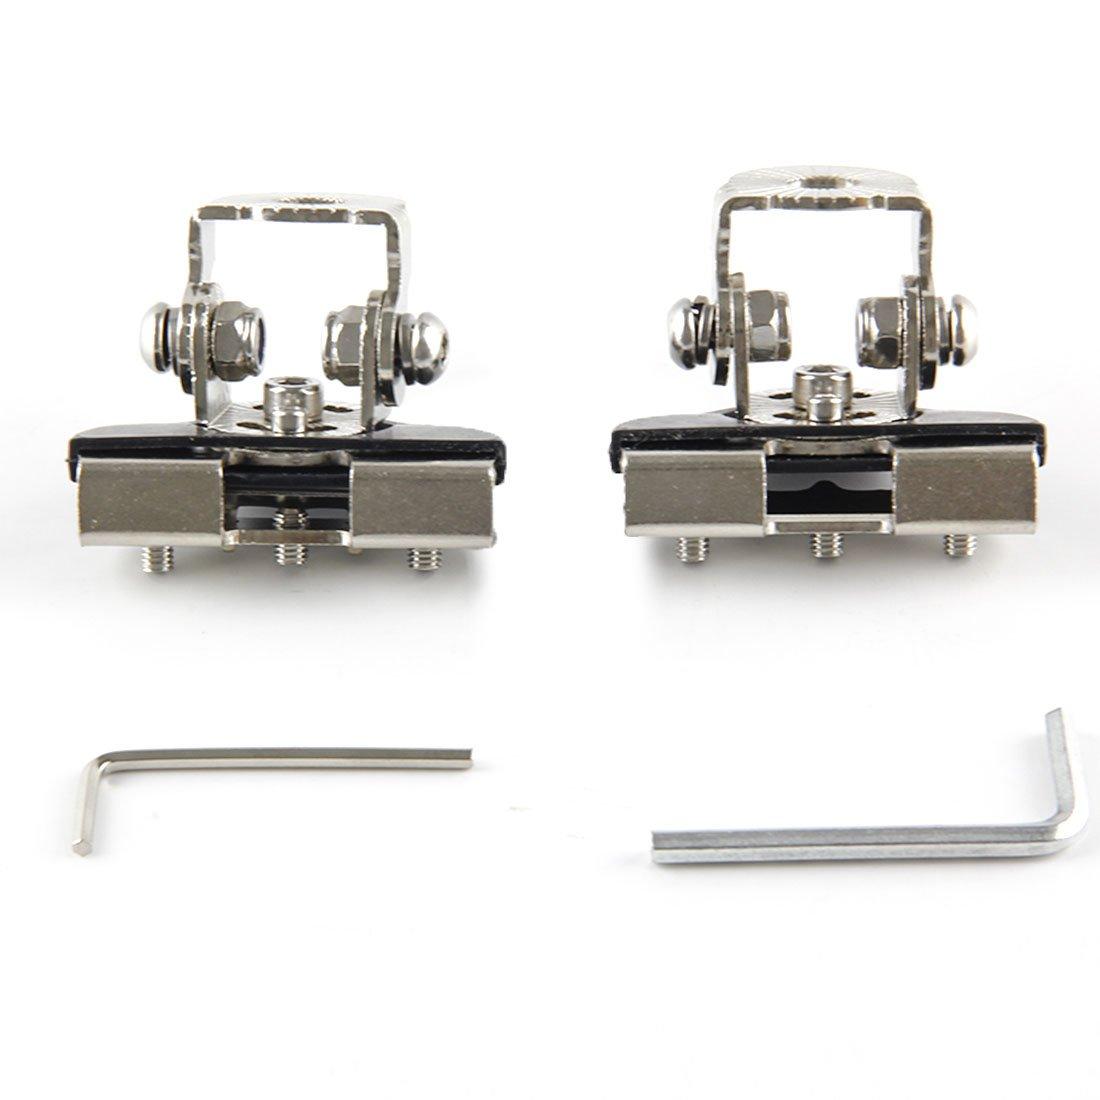 Staffa per luce da lavoro a LED per montaggio a parabrezza inferiore A-Pillar per Wrangler (Staffa A-Pillar) TG-light